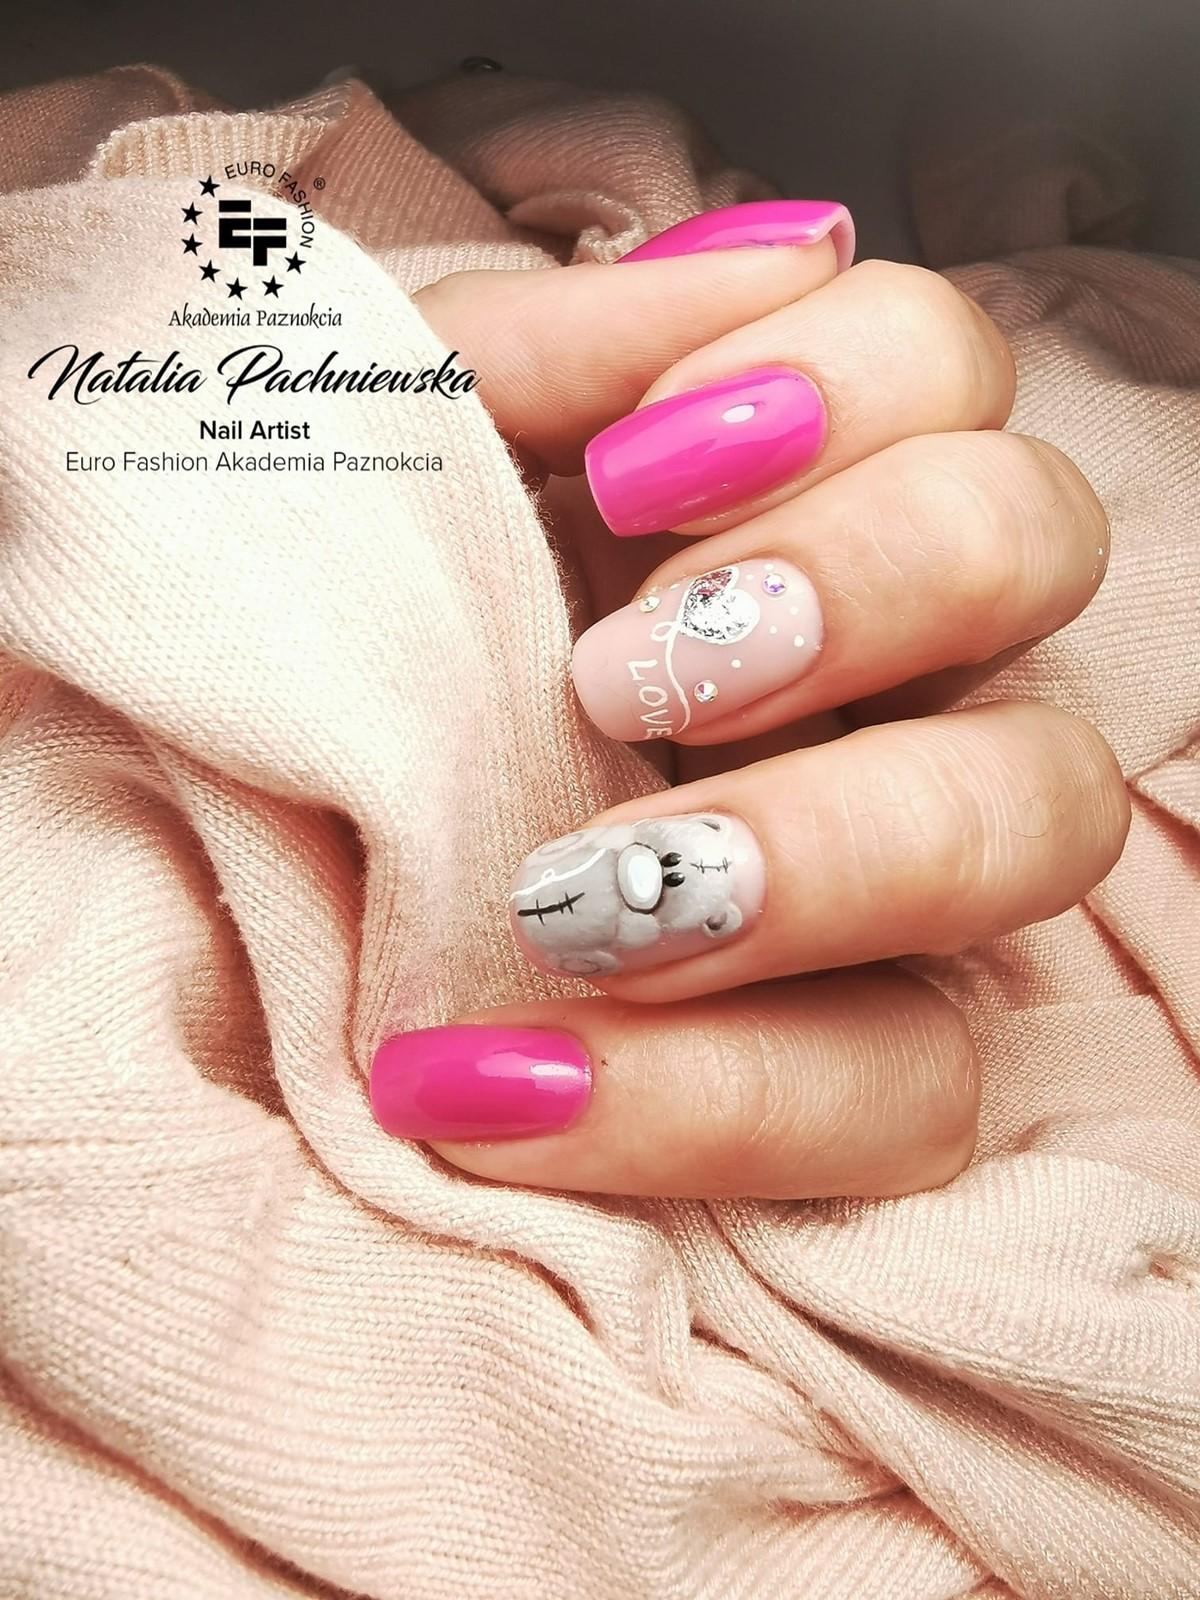 wzorki na paznokciach walentynkowych